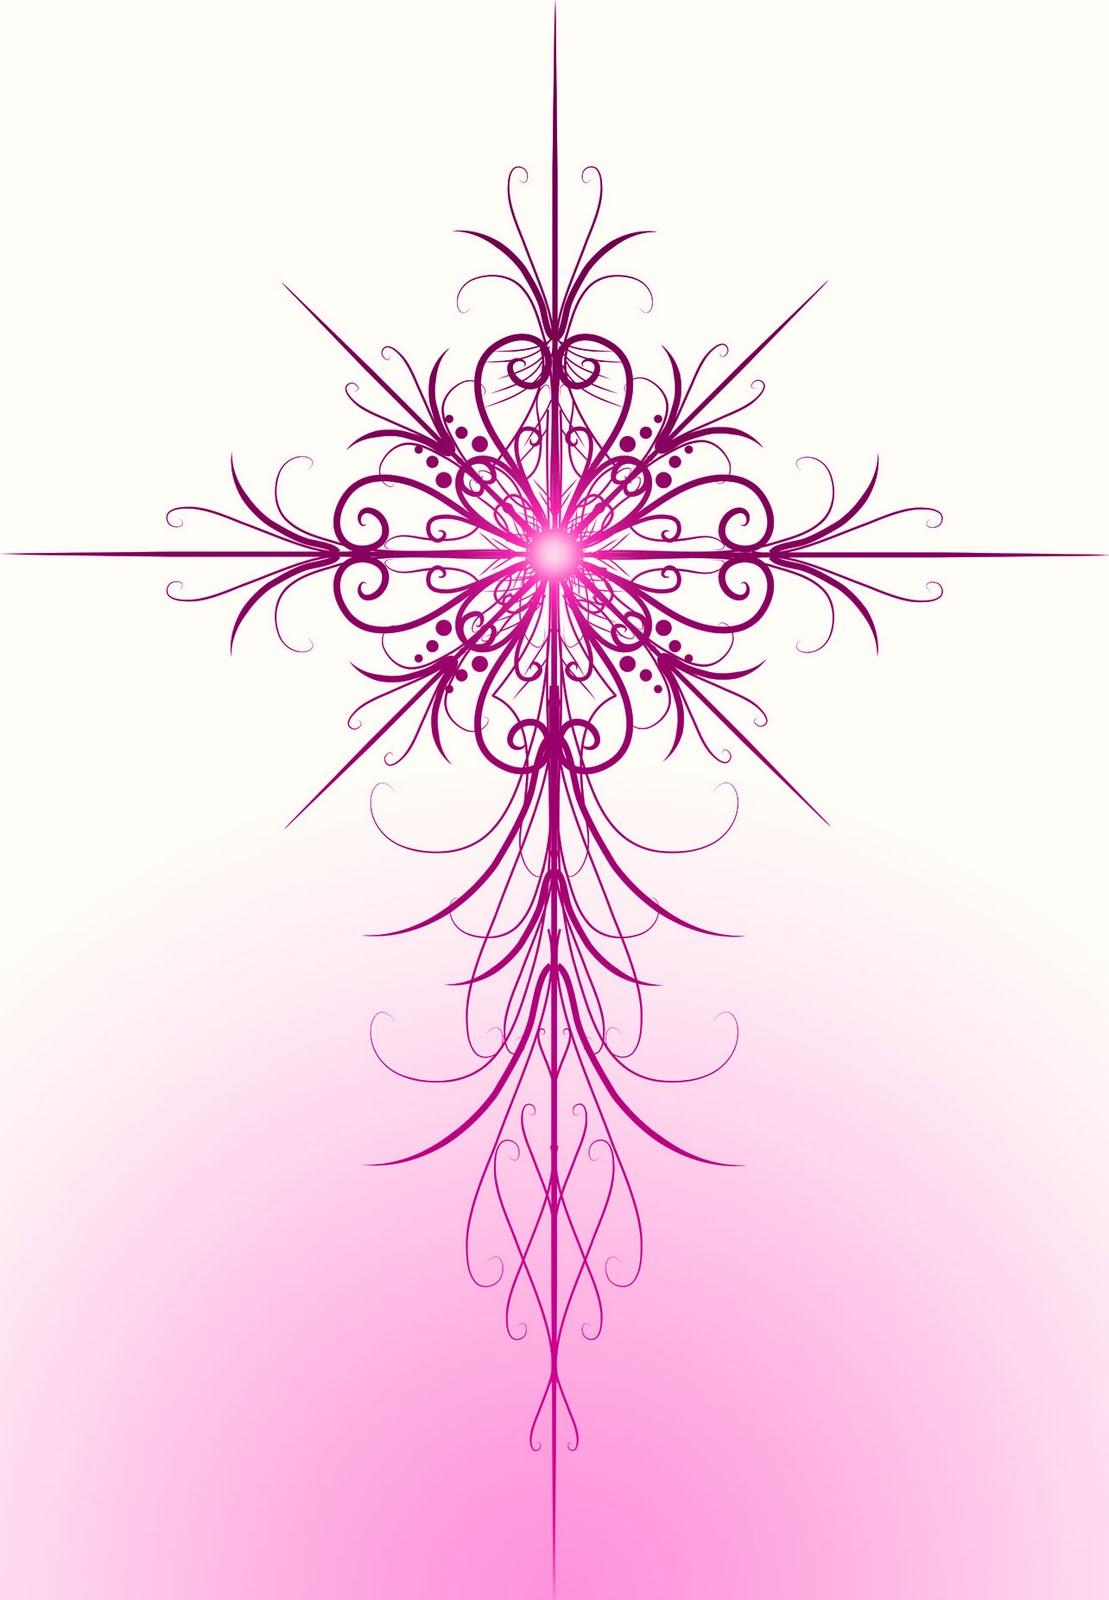 Decorative Cross Outline Decorative cross